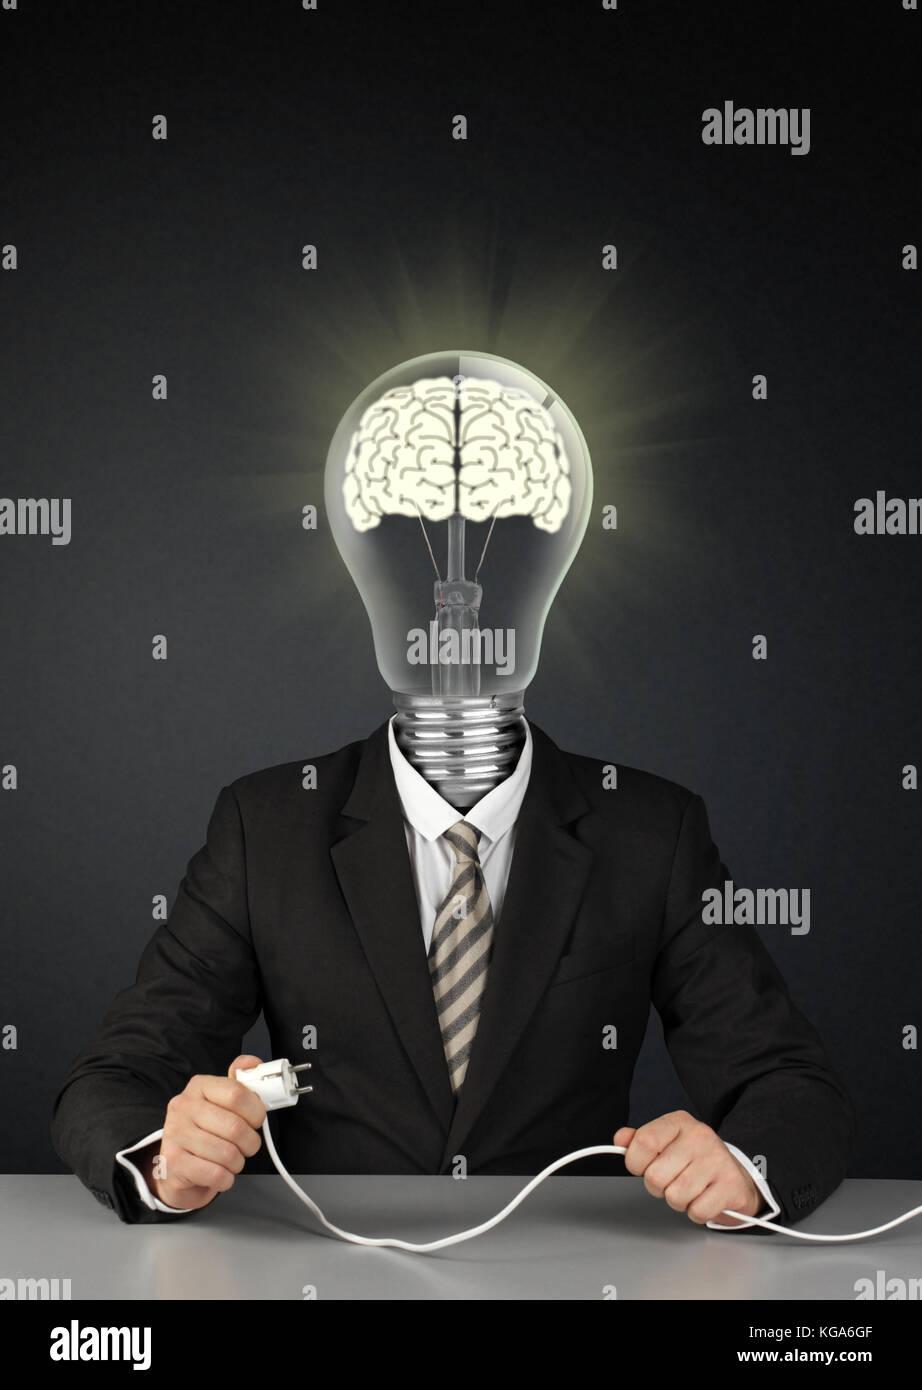 Empresario con cabeza de bombilla de luz y enchufe, interruptor cerebro creativo concepto sobre negro Imagen De Stock